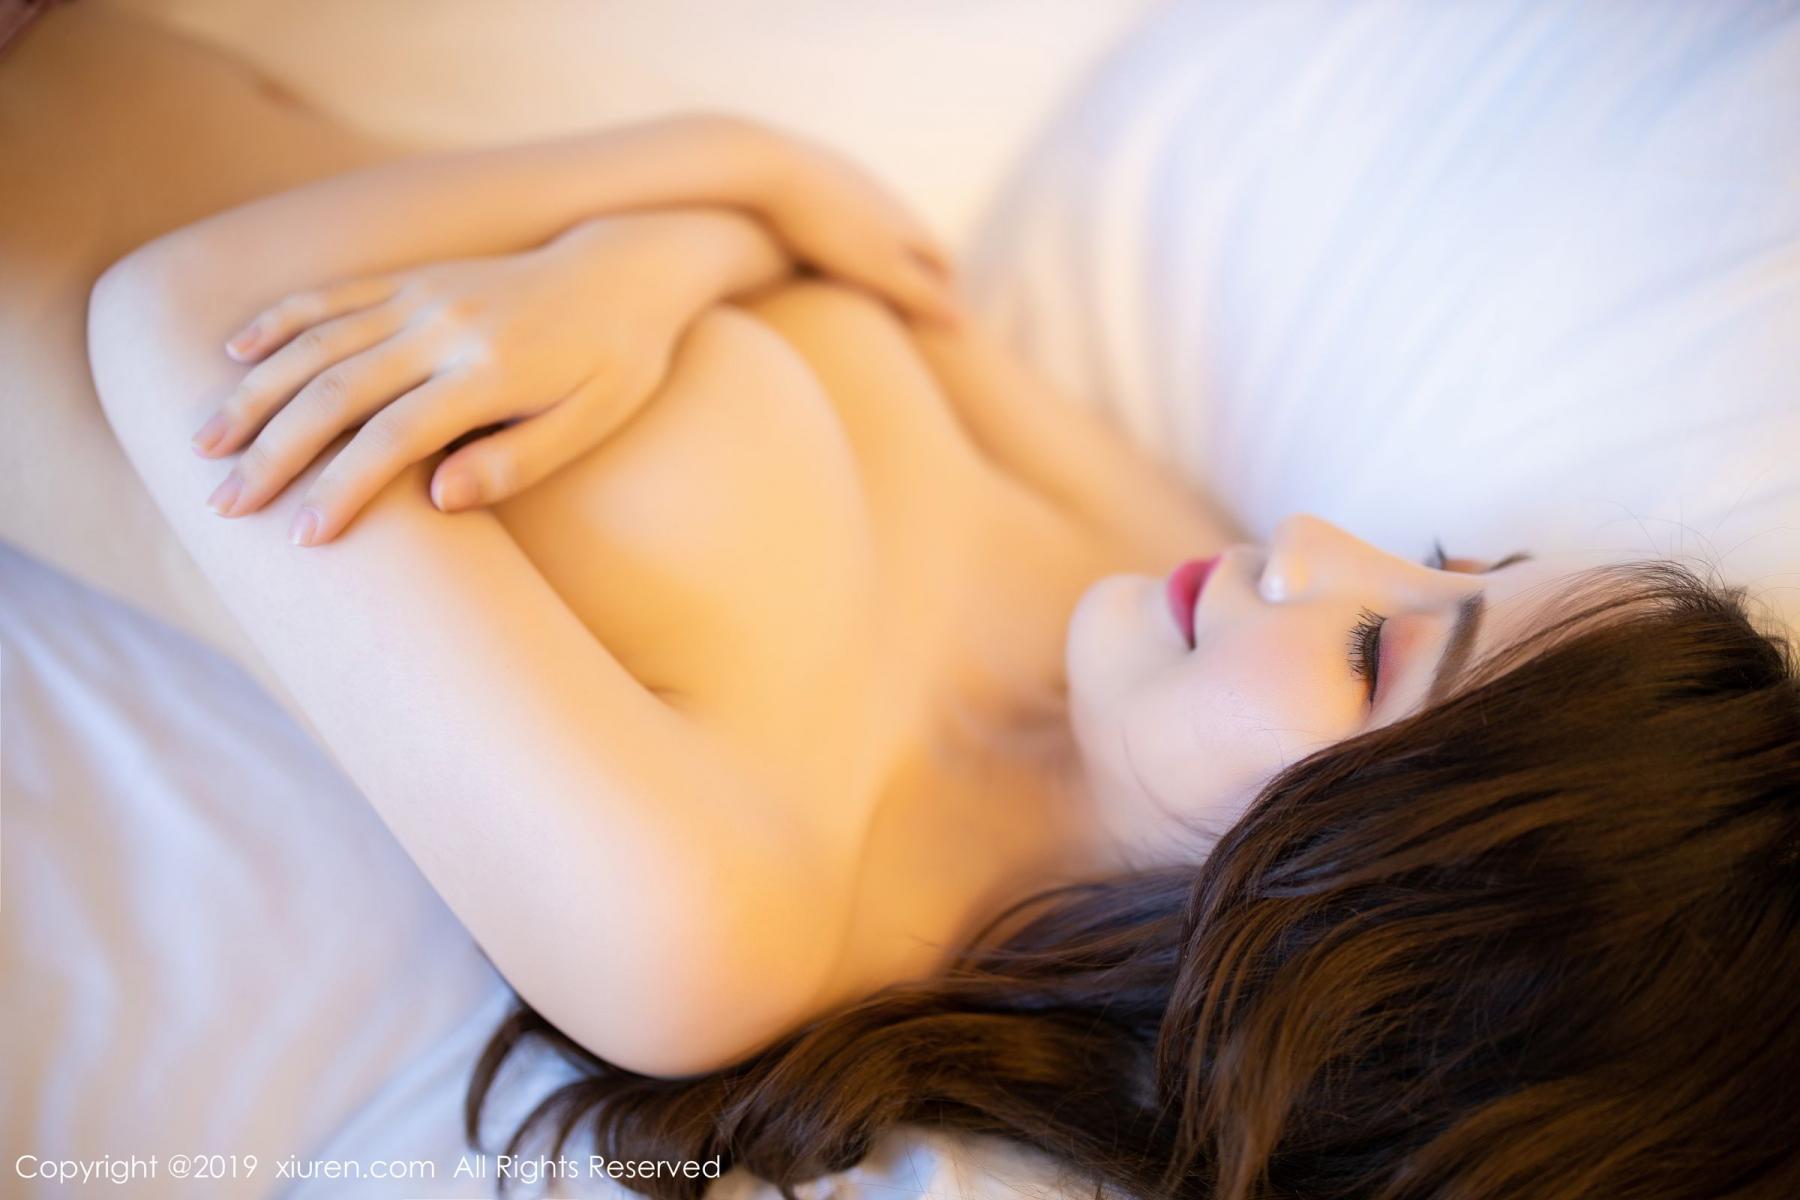 [XiaoYu] Vol.1697 Xie Zhi Xin 98P, Home, Sexy, XiaoYu, Xie Zhi Xin